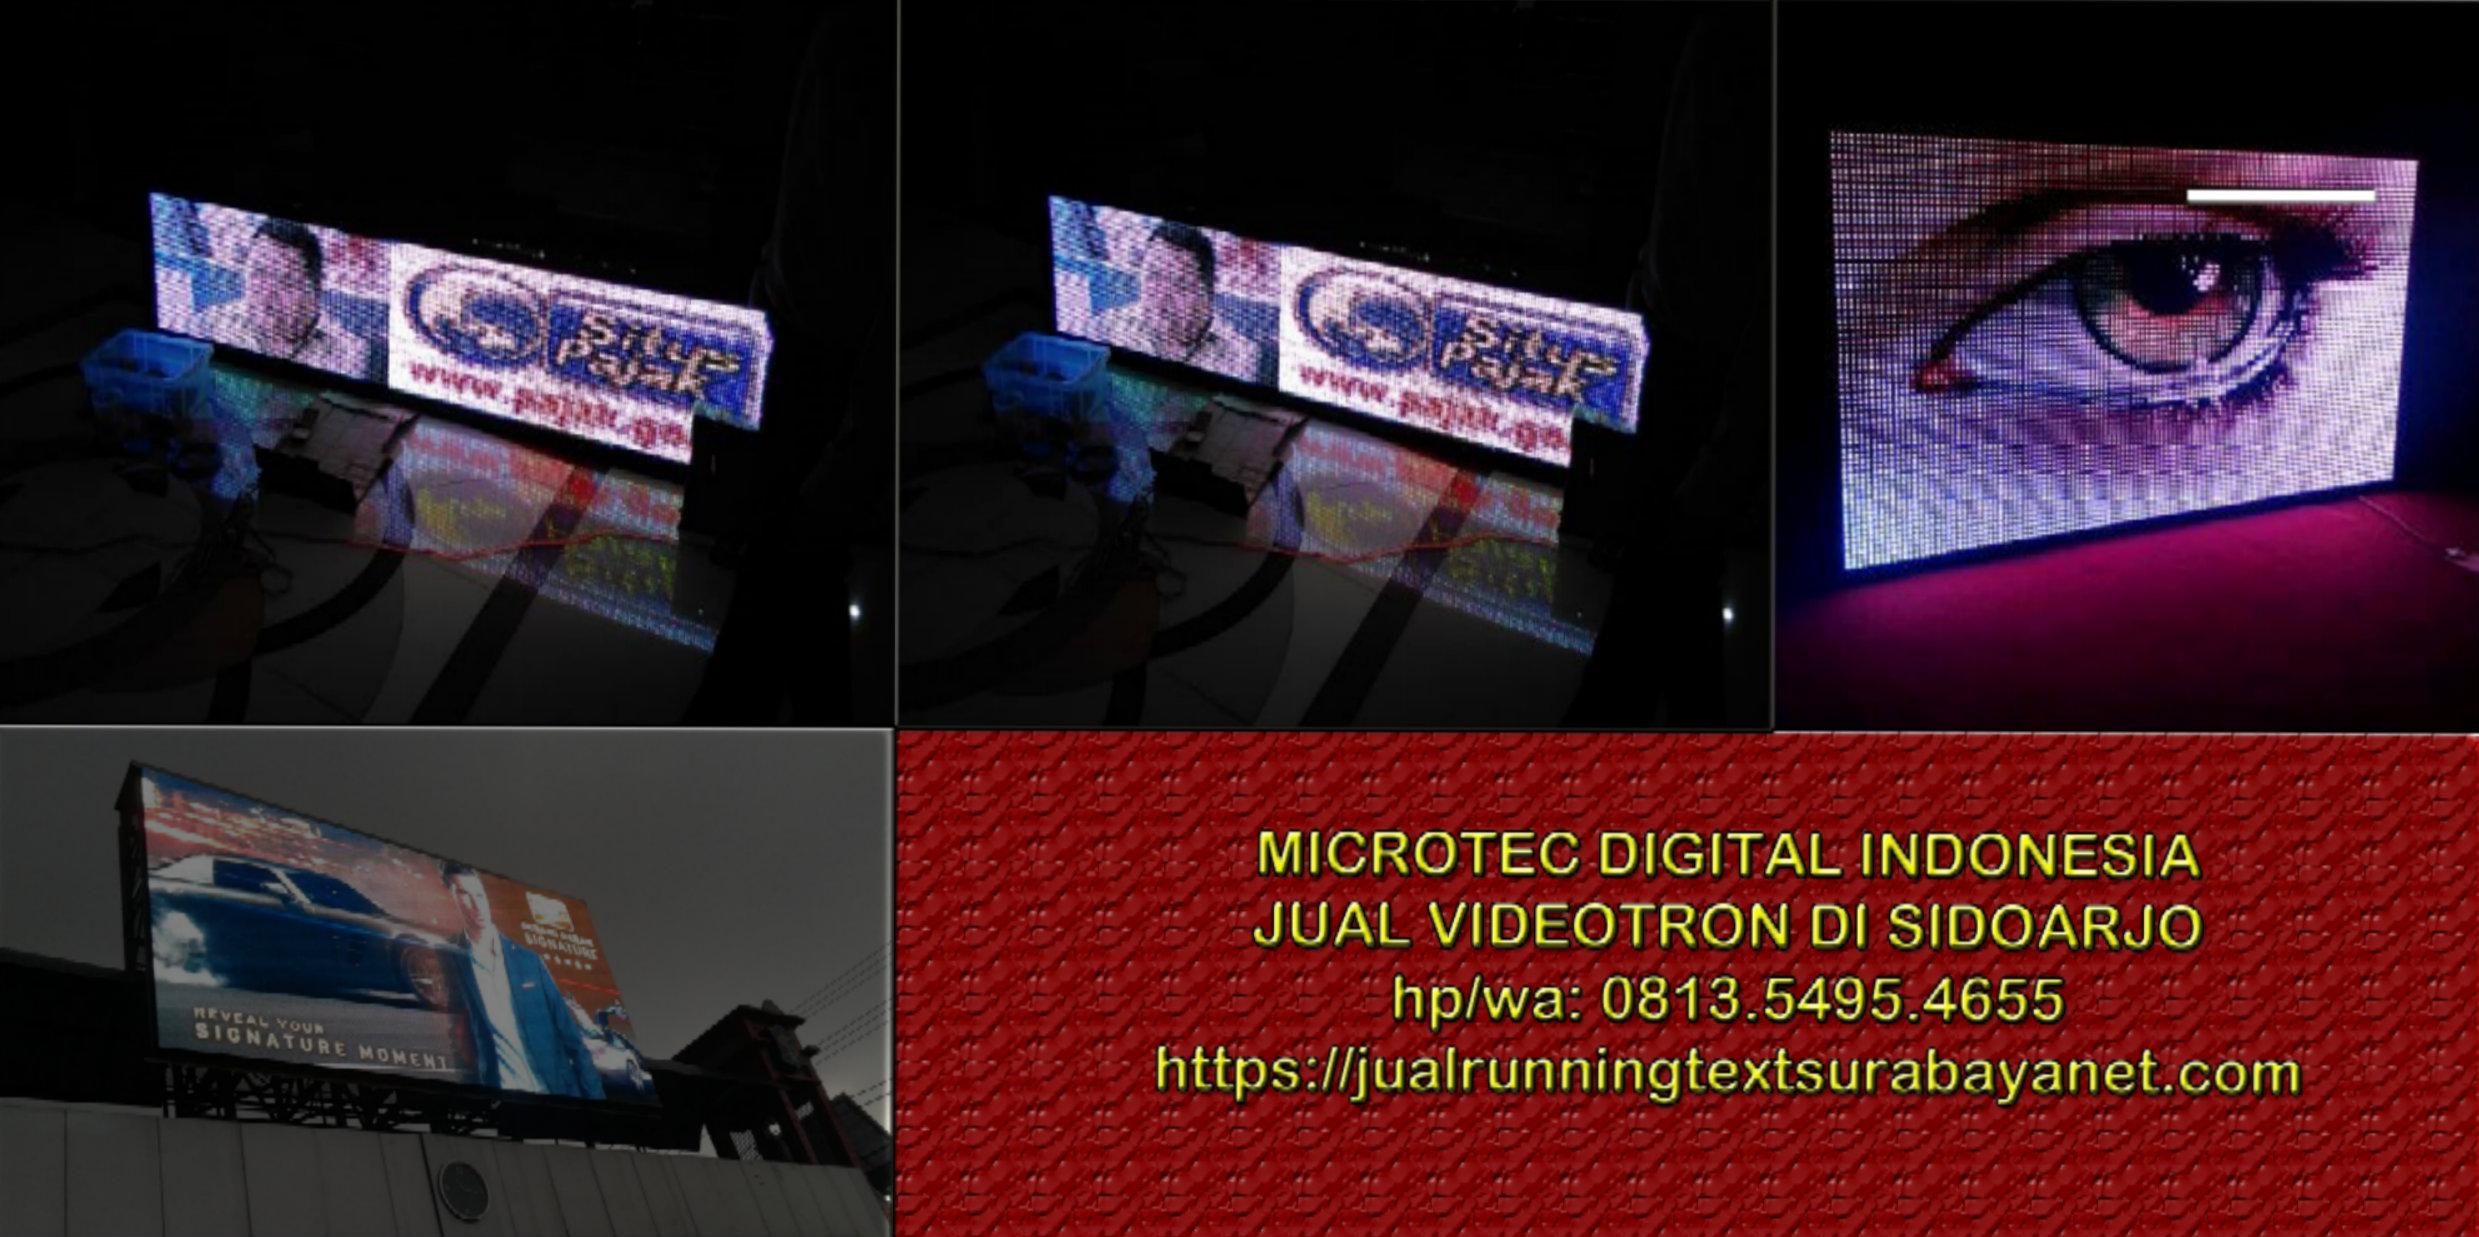 jual videotron sidoarjo.1